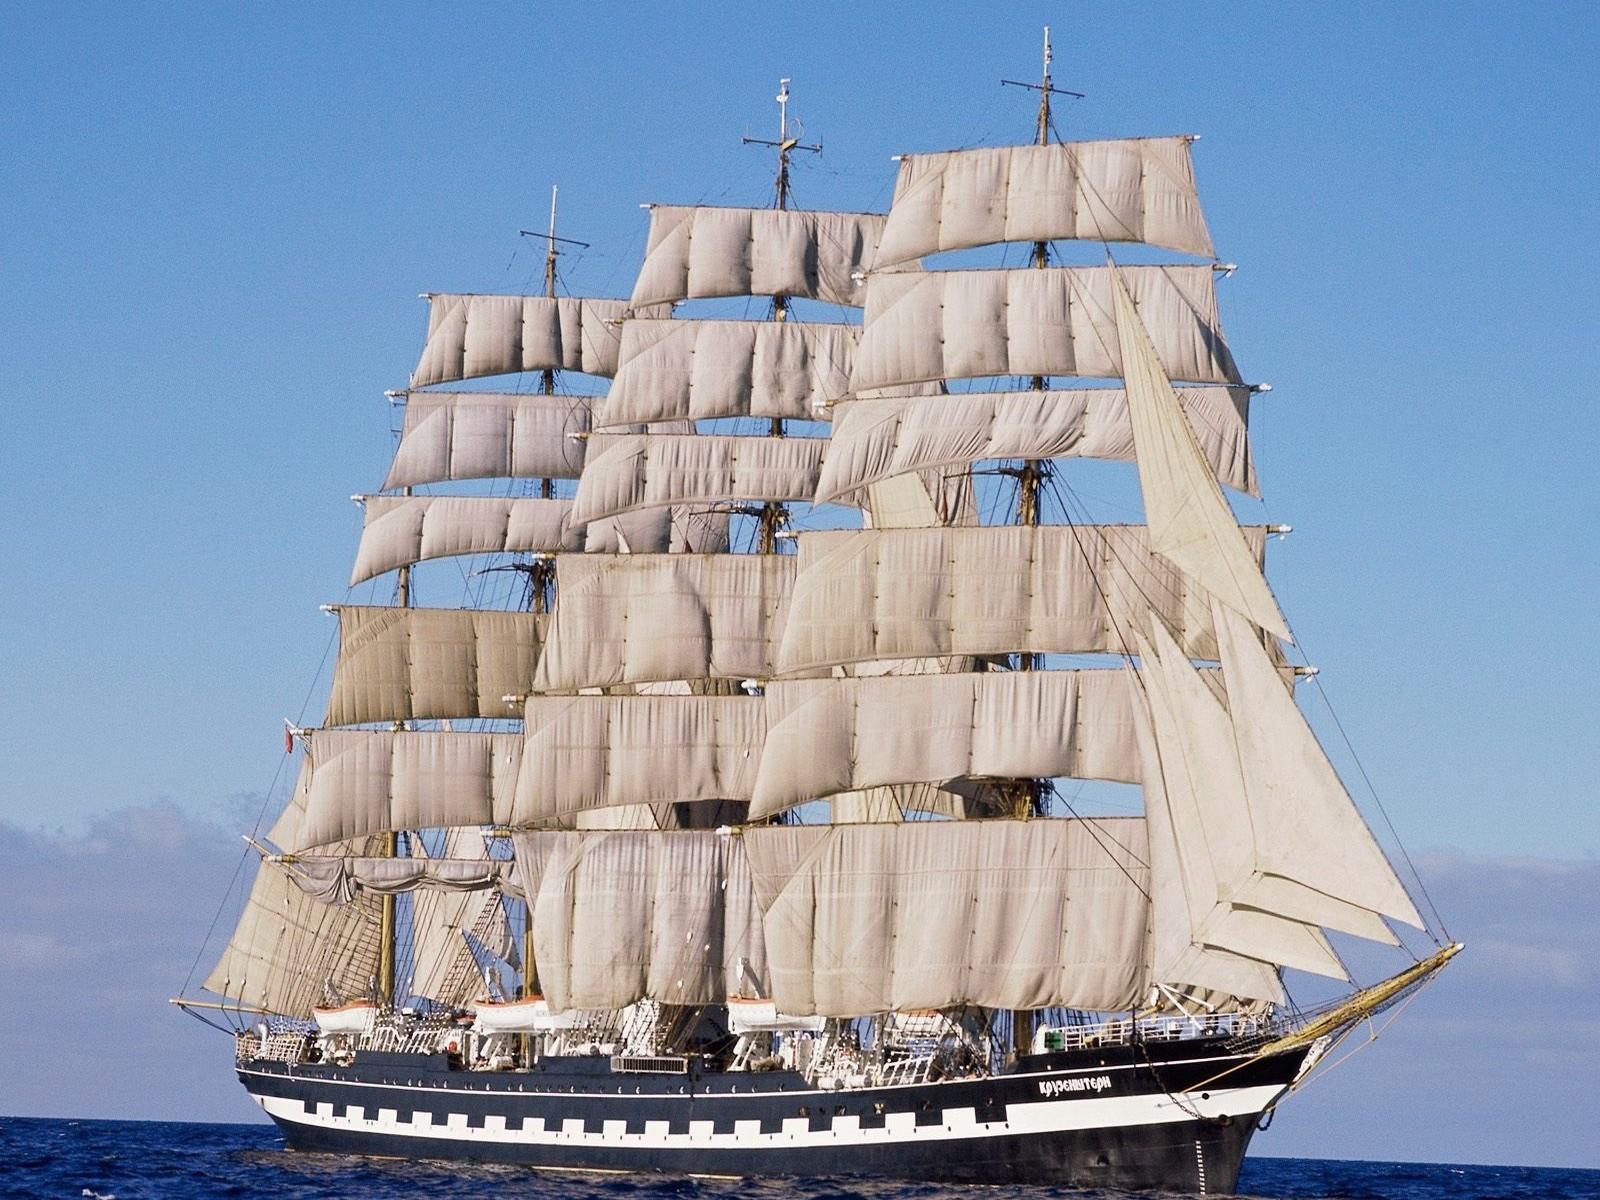 Картинки кораблей, картинки снегурочек аву